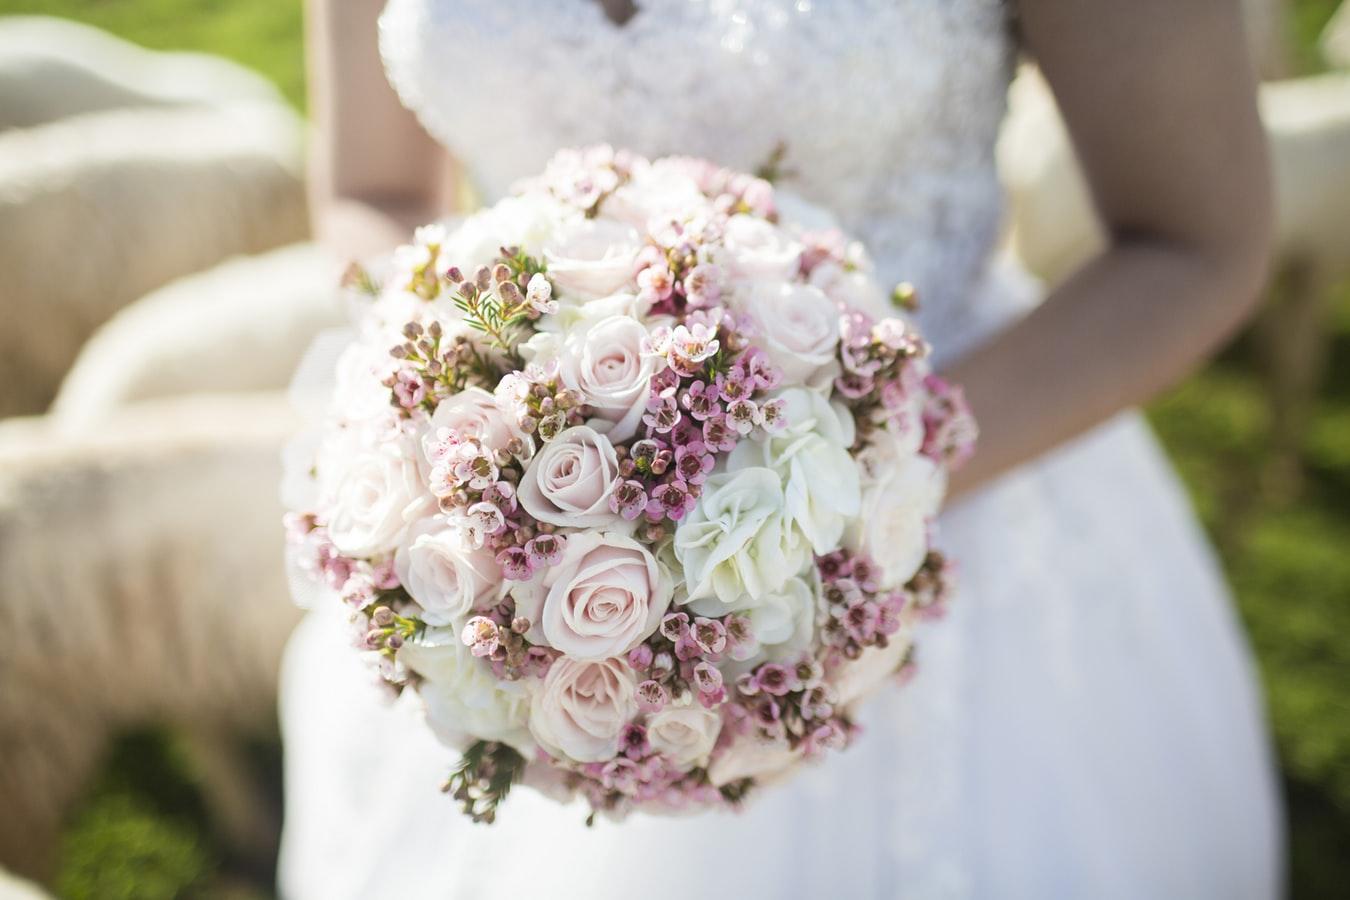 Bride holding round bouquet